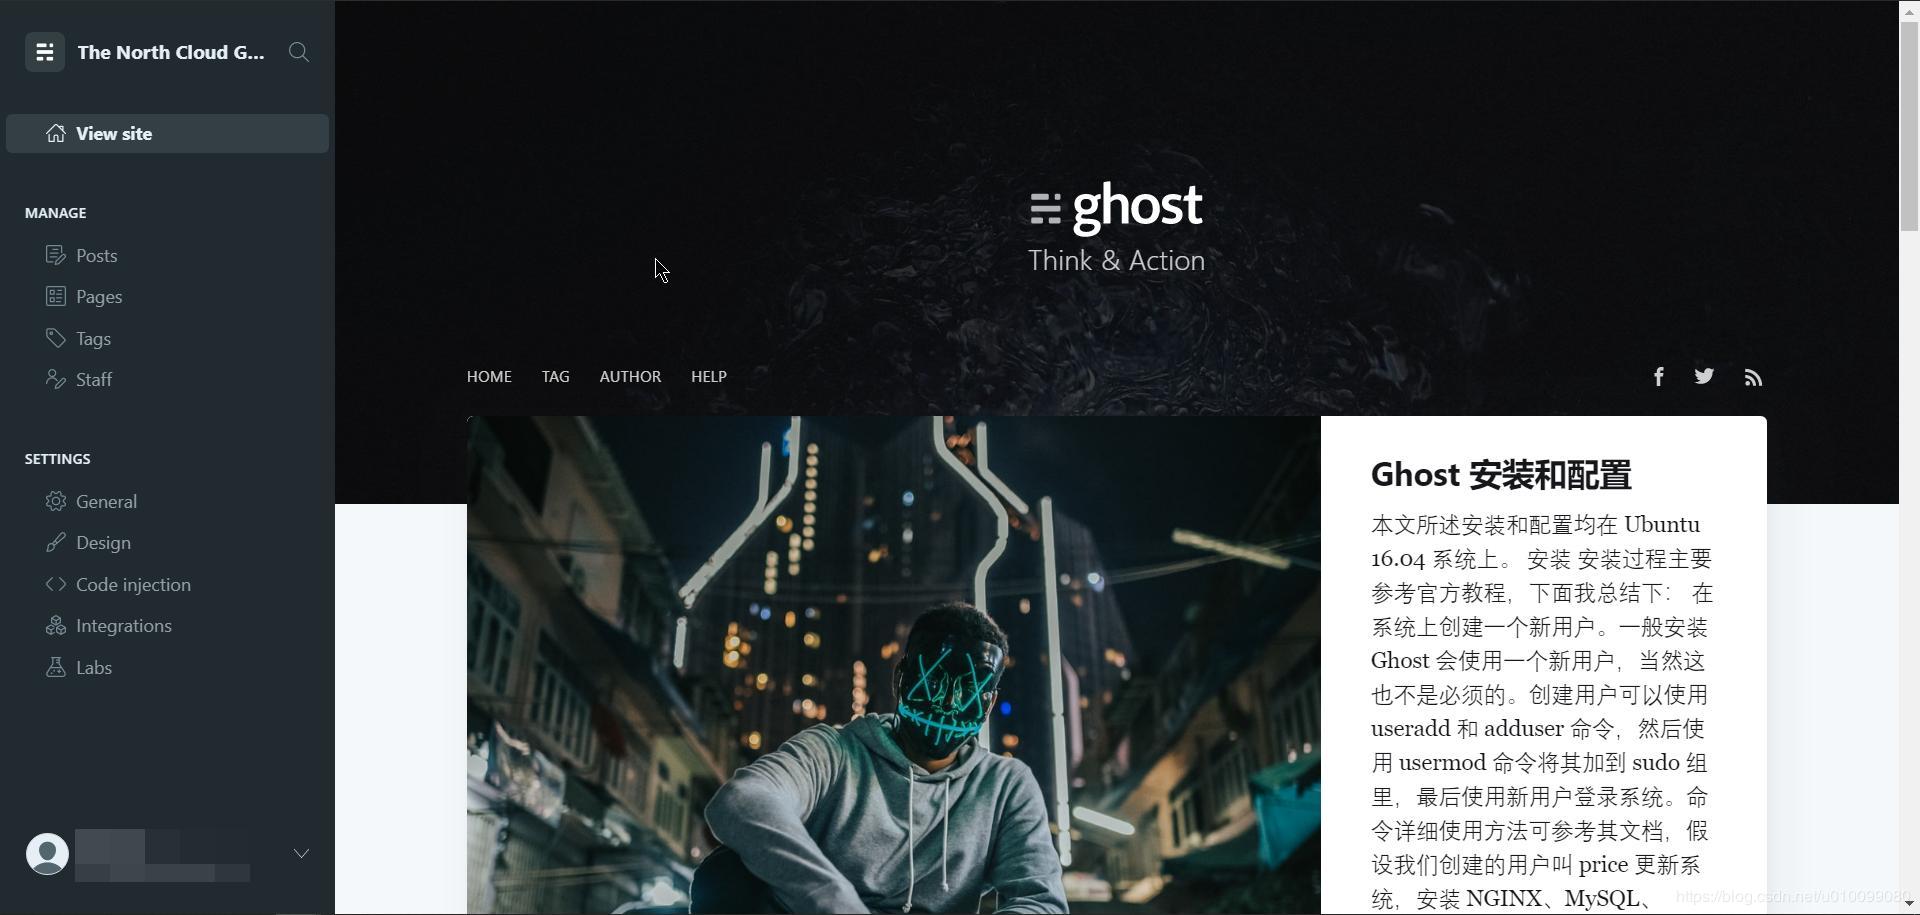 Ghost 后台